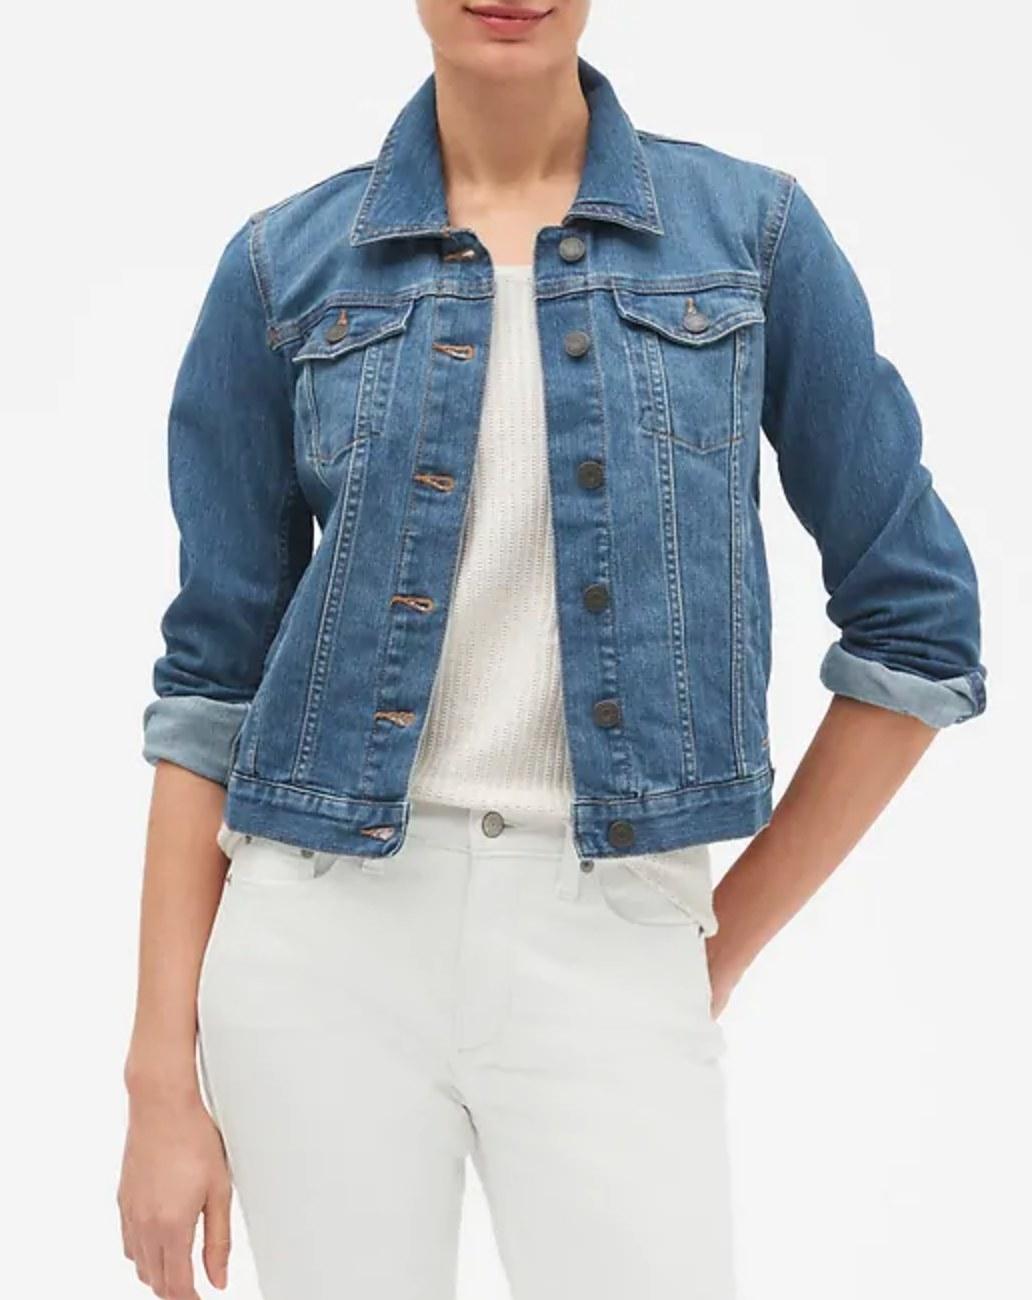 The denim jean jacket in medium wash